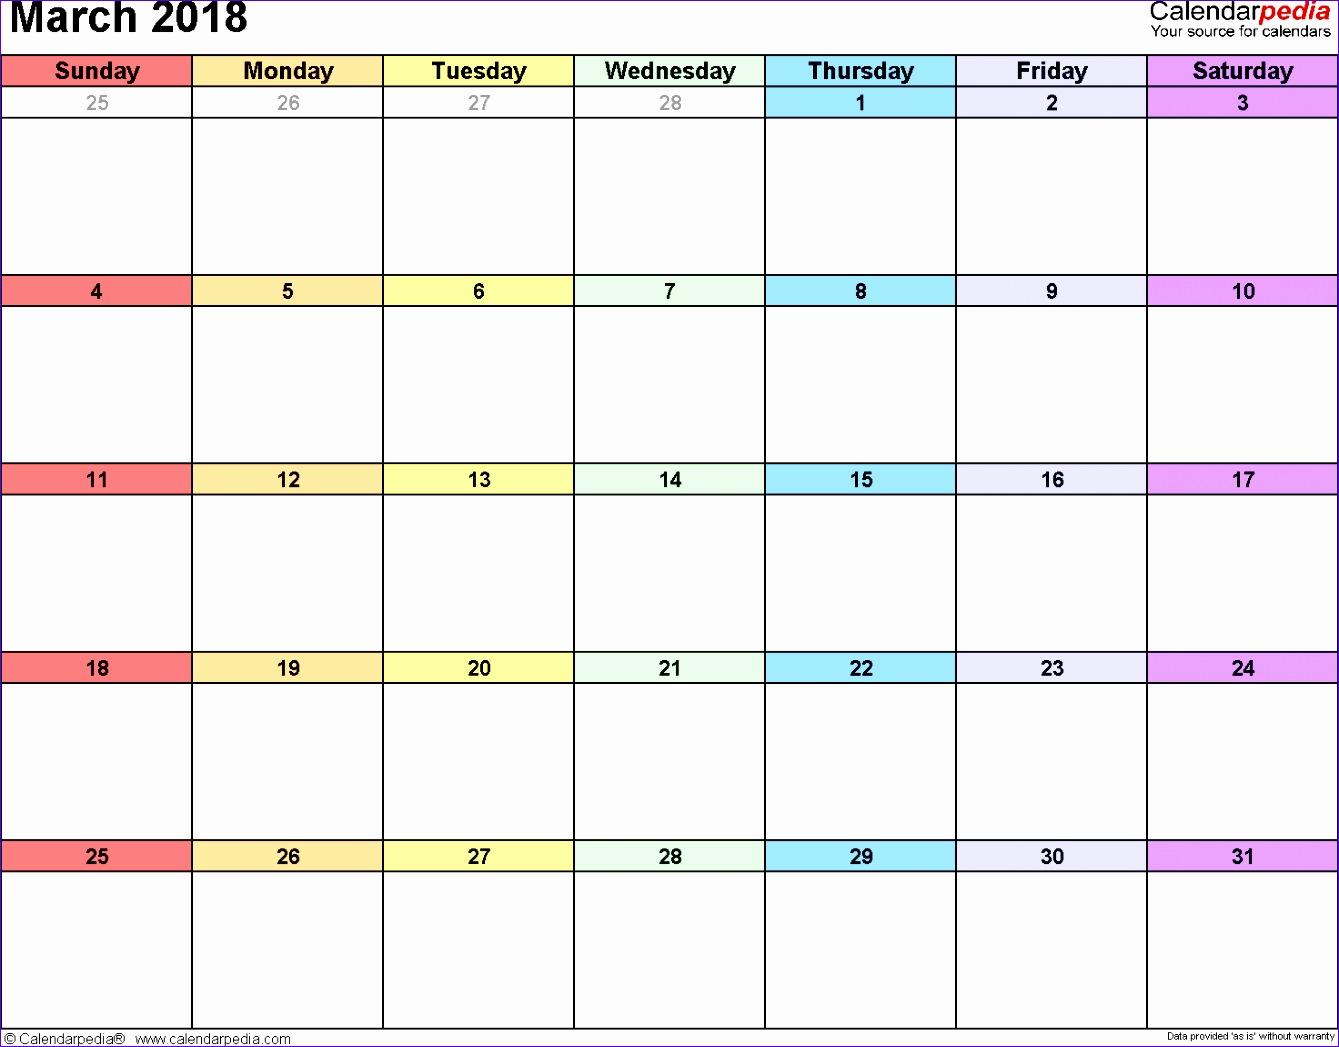 march 2018 calendar template 1543 13391047